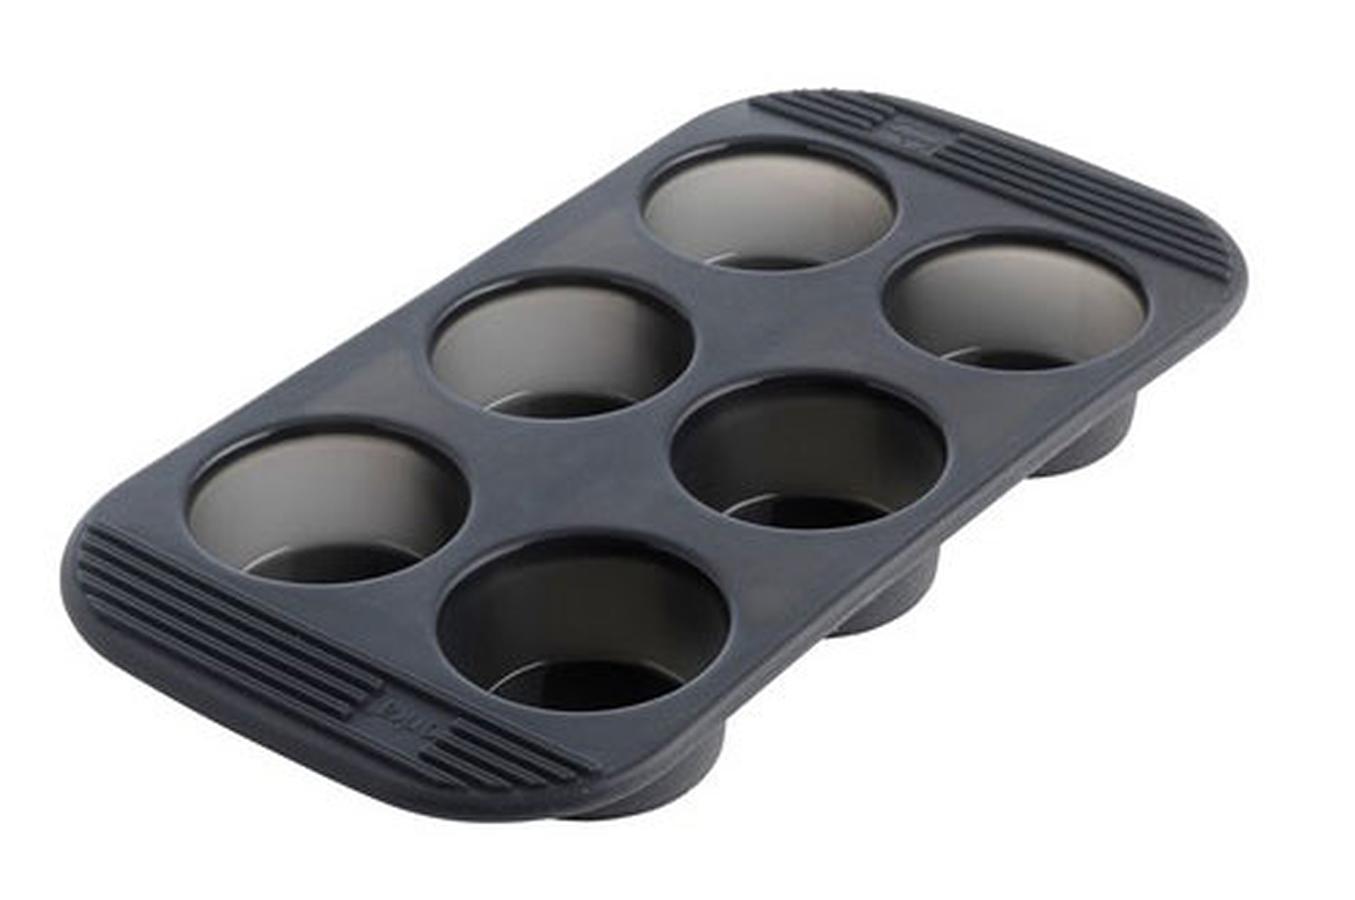 plat moule mastrad moule 6 muffins j401050a 1363638. Black Bedroom Furniture Sets. Home Design Ideas